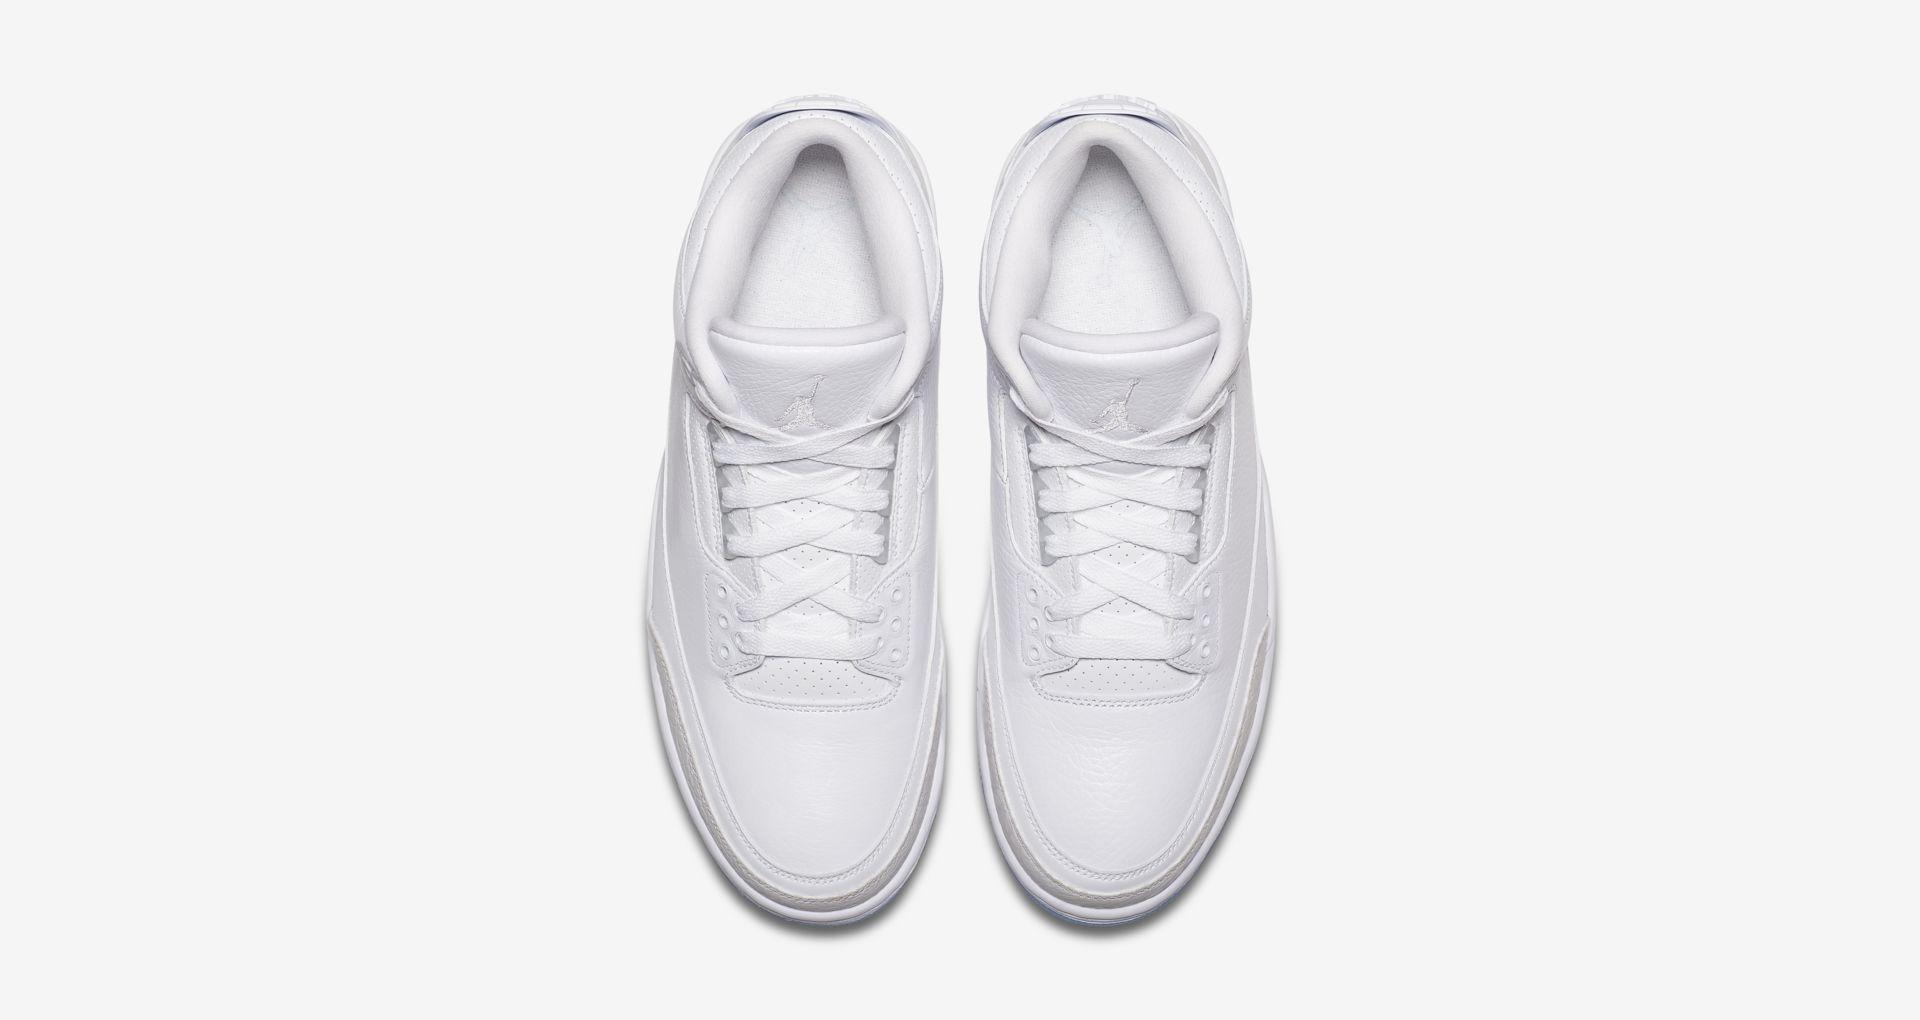 136064 111 Air Jordan 3 Pure White 3